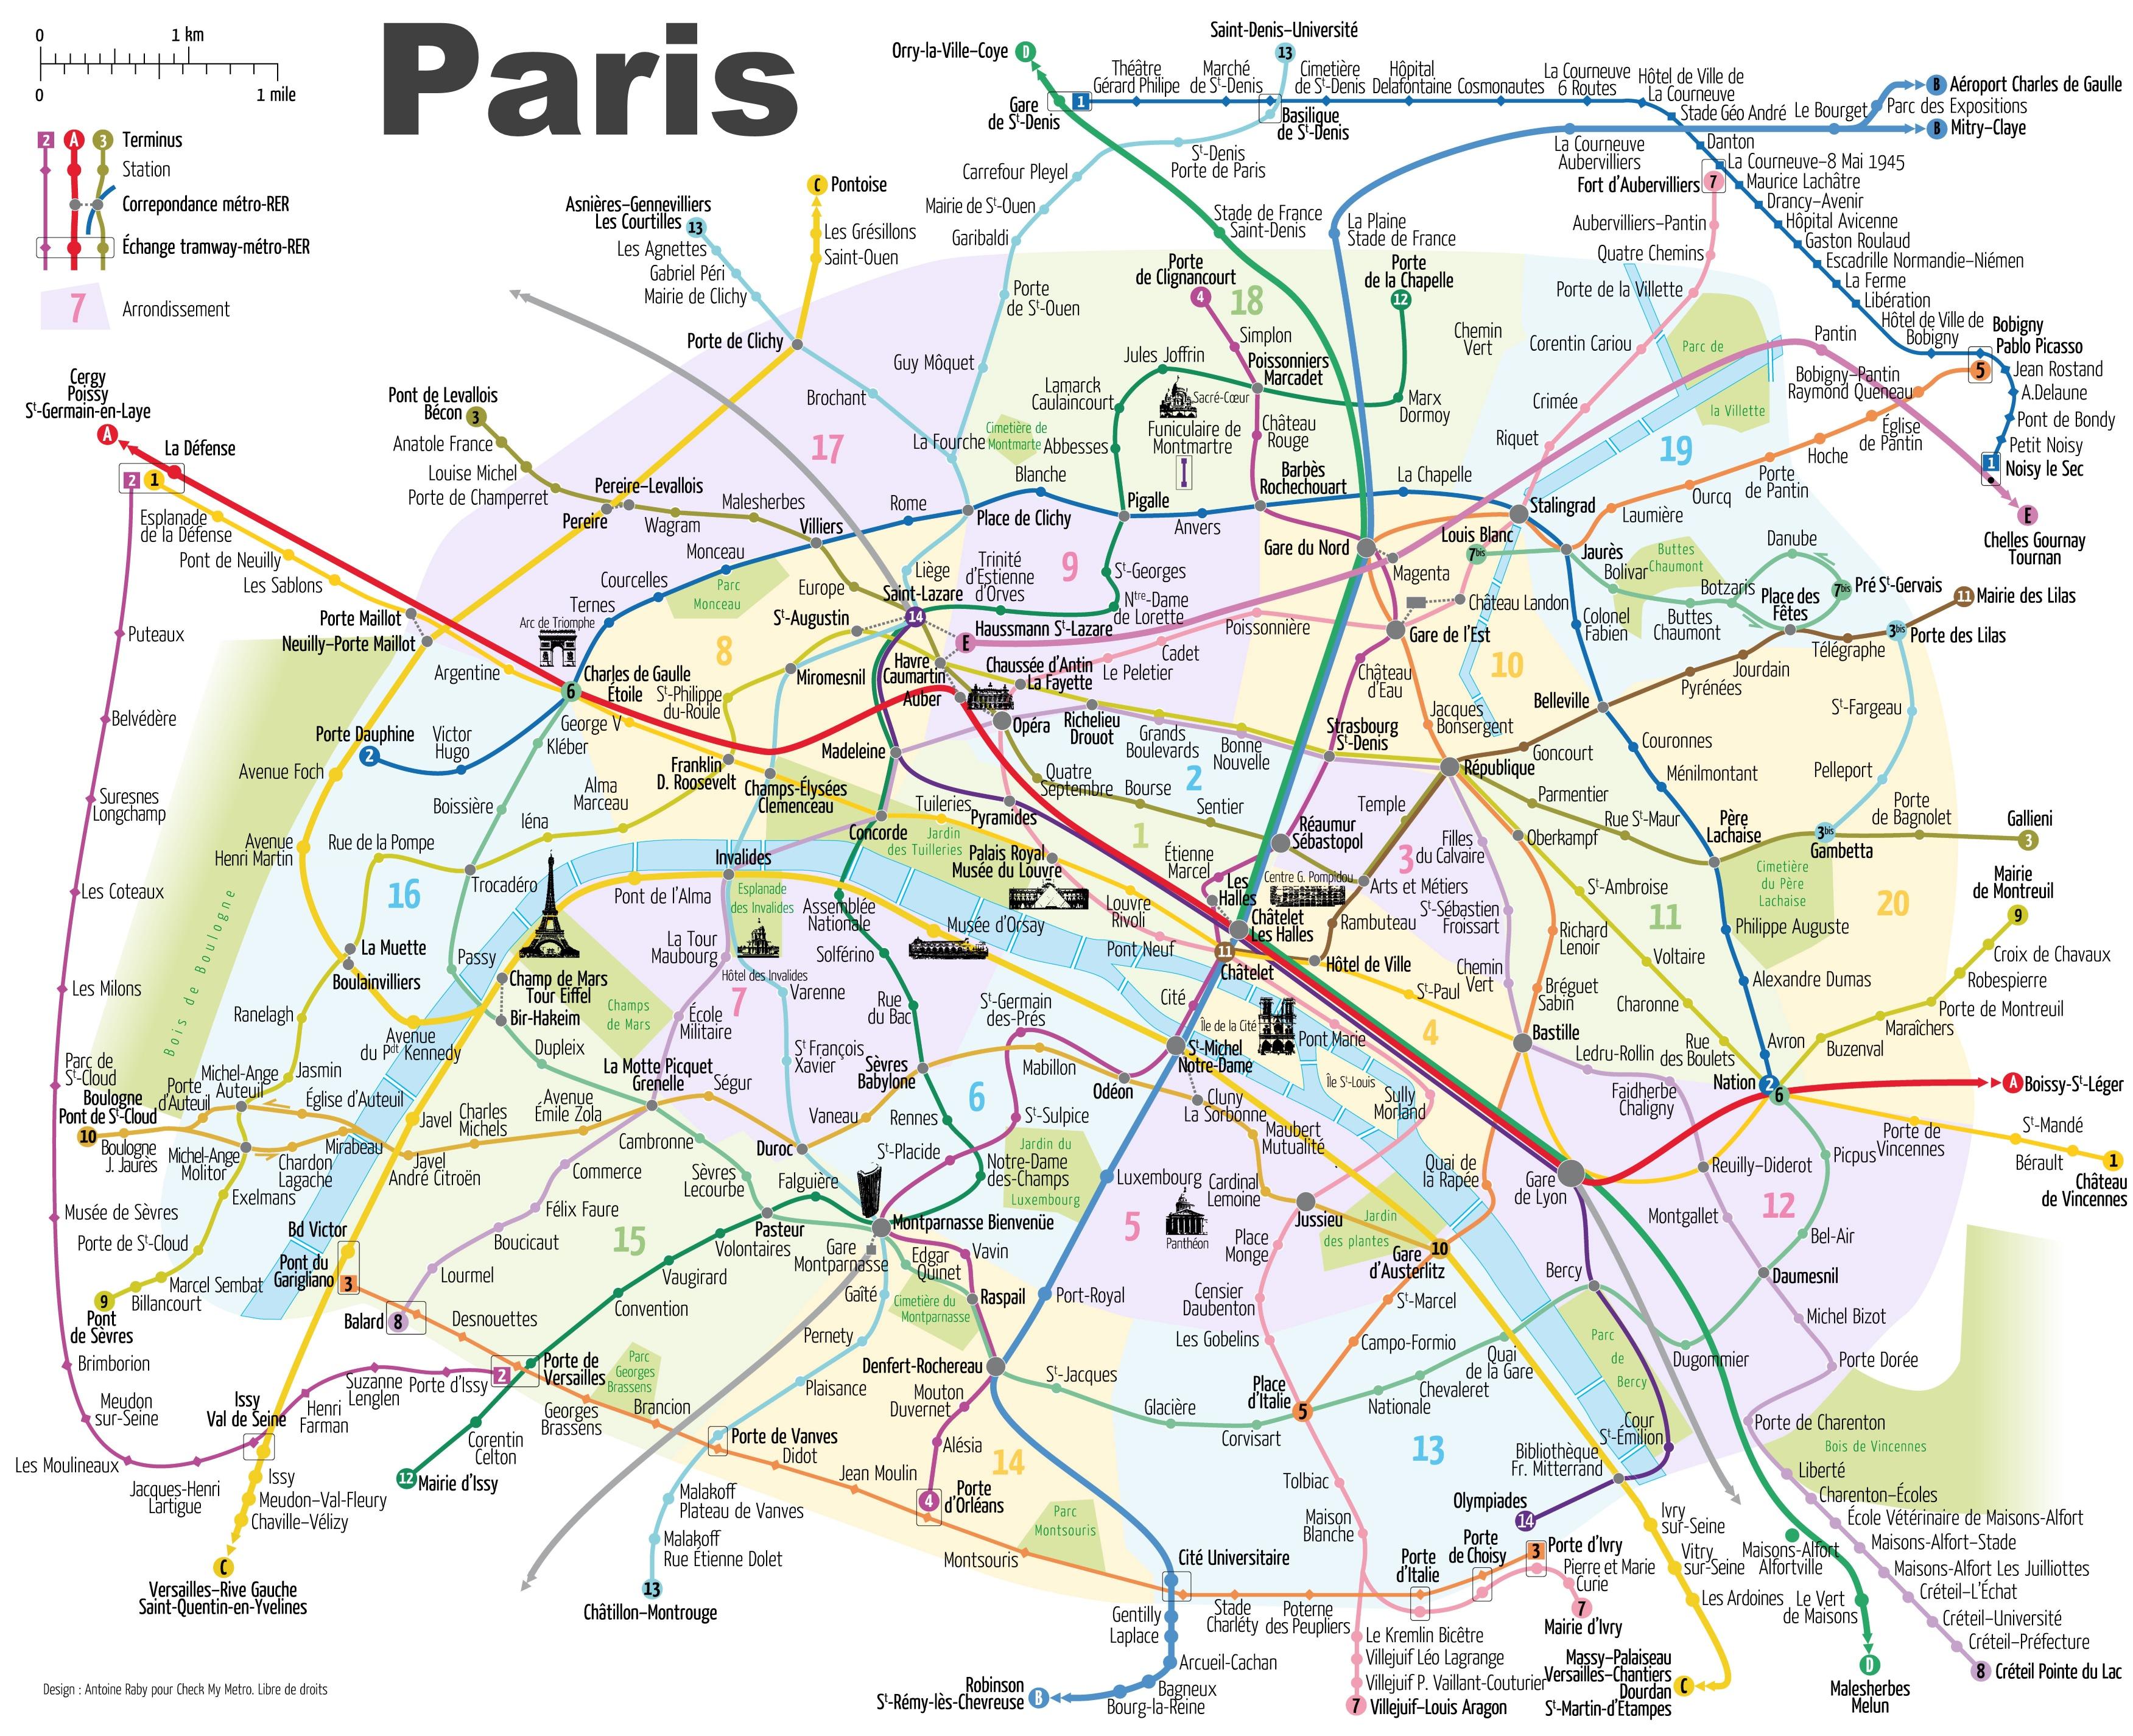 Paris Maps | France | Maps Of Paris - Printable Map Of Paris France